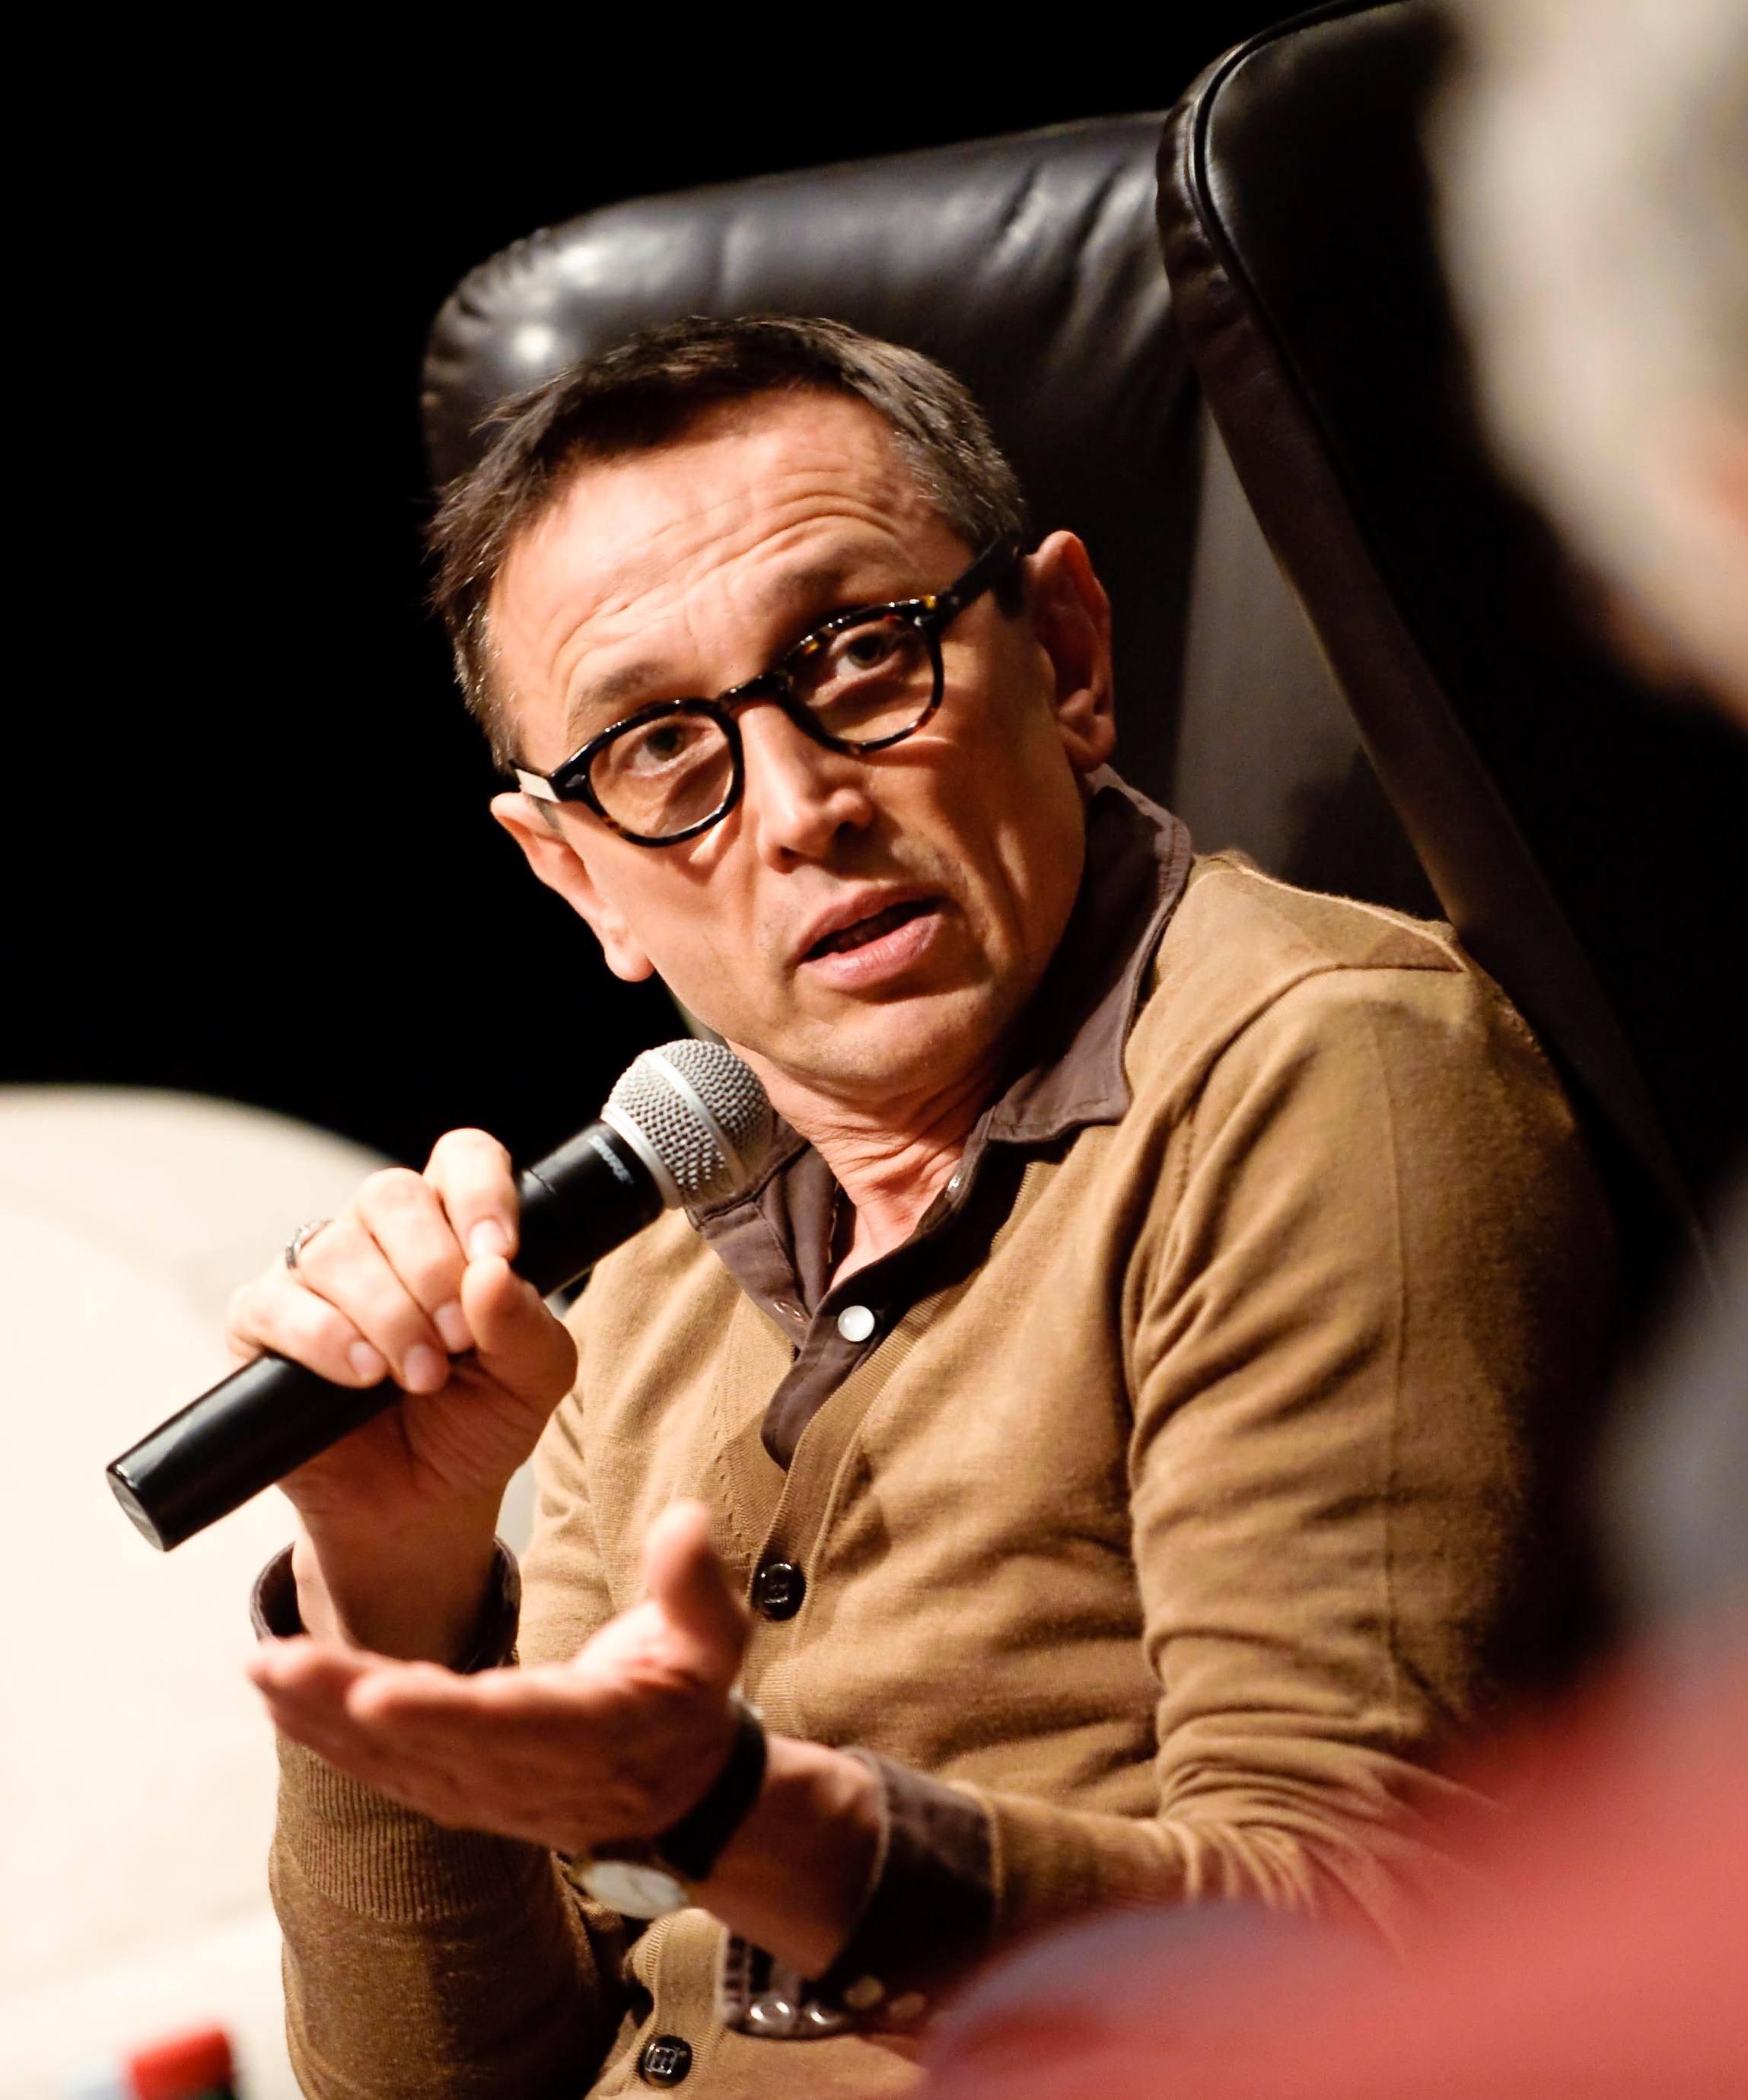 Lo chef Bruno Barbieri sarà al Casinò di Sanremo sabato 11 novembre per uno show culinario